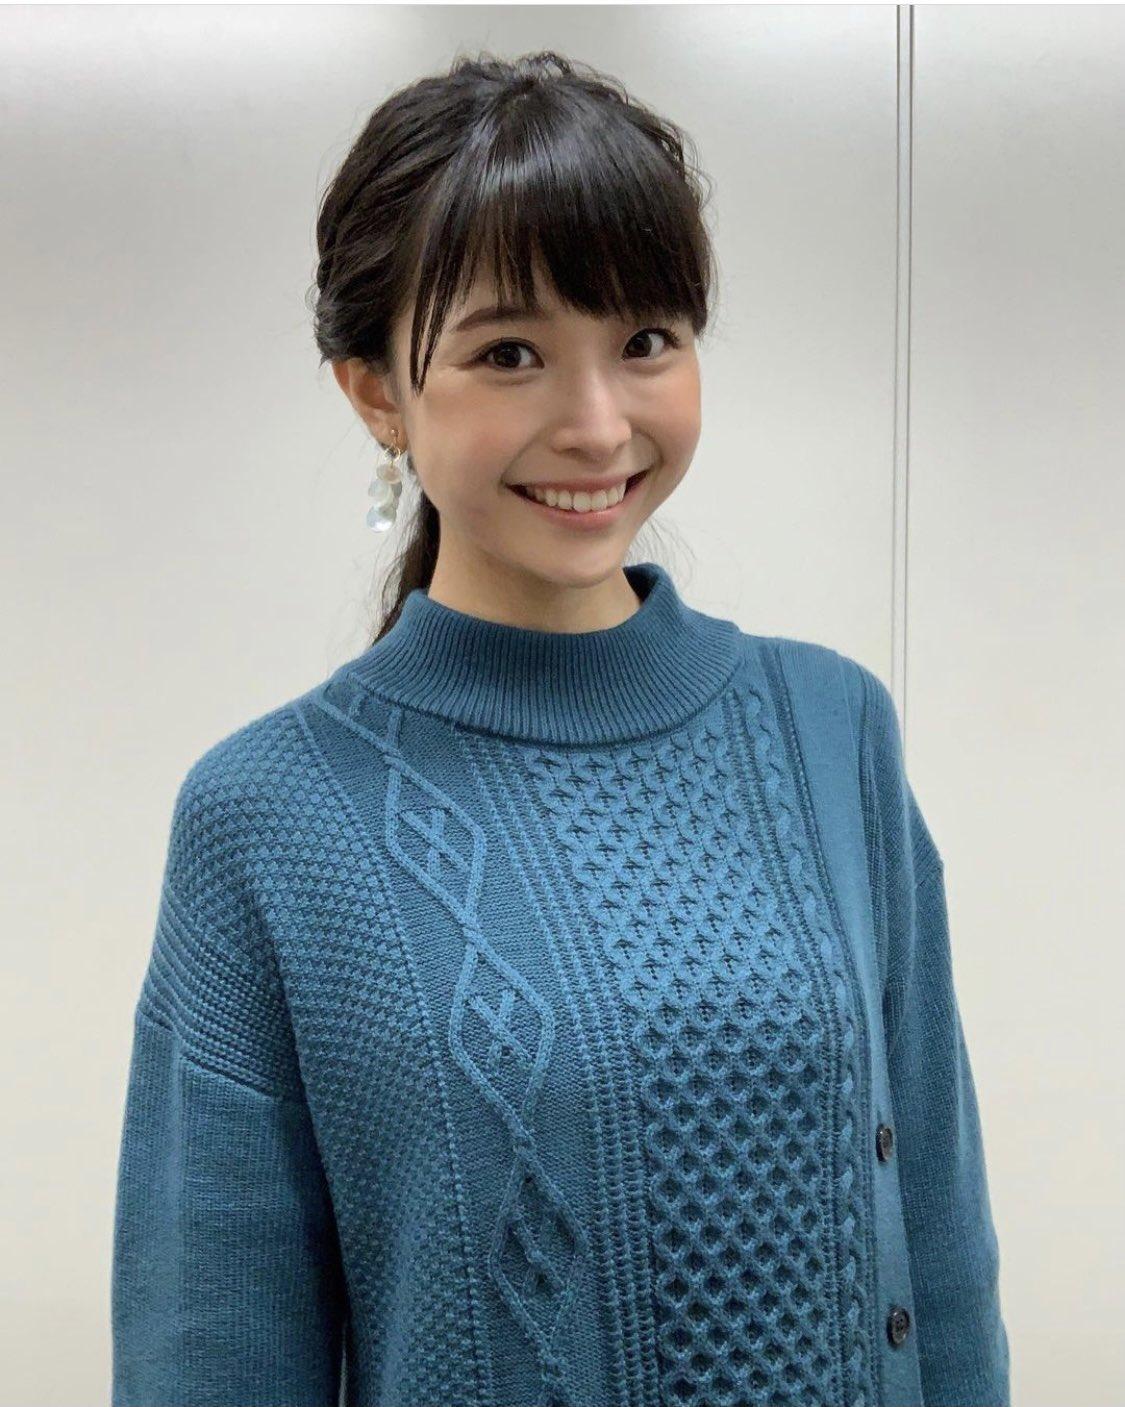 【画像】フジテレビアナウンサー・渡邊渚さんの乳ww